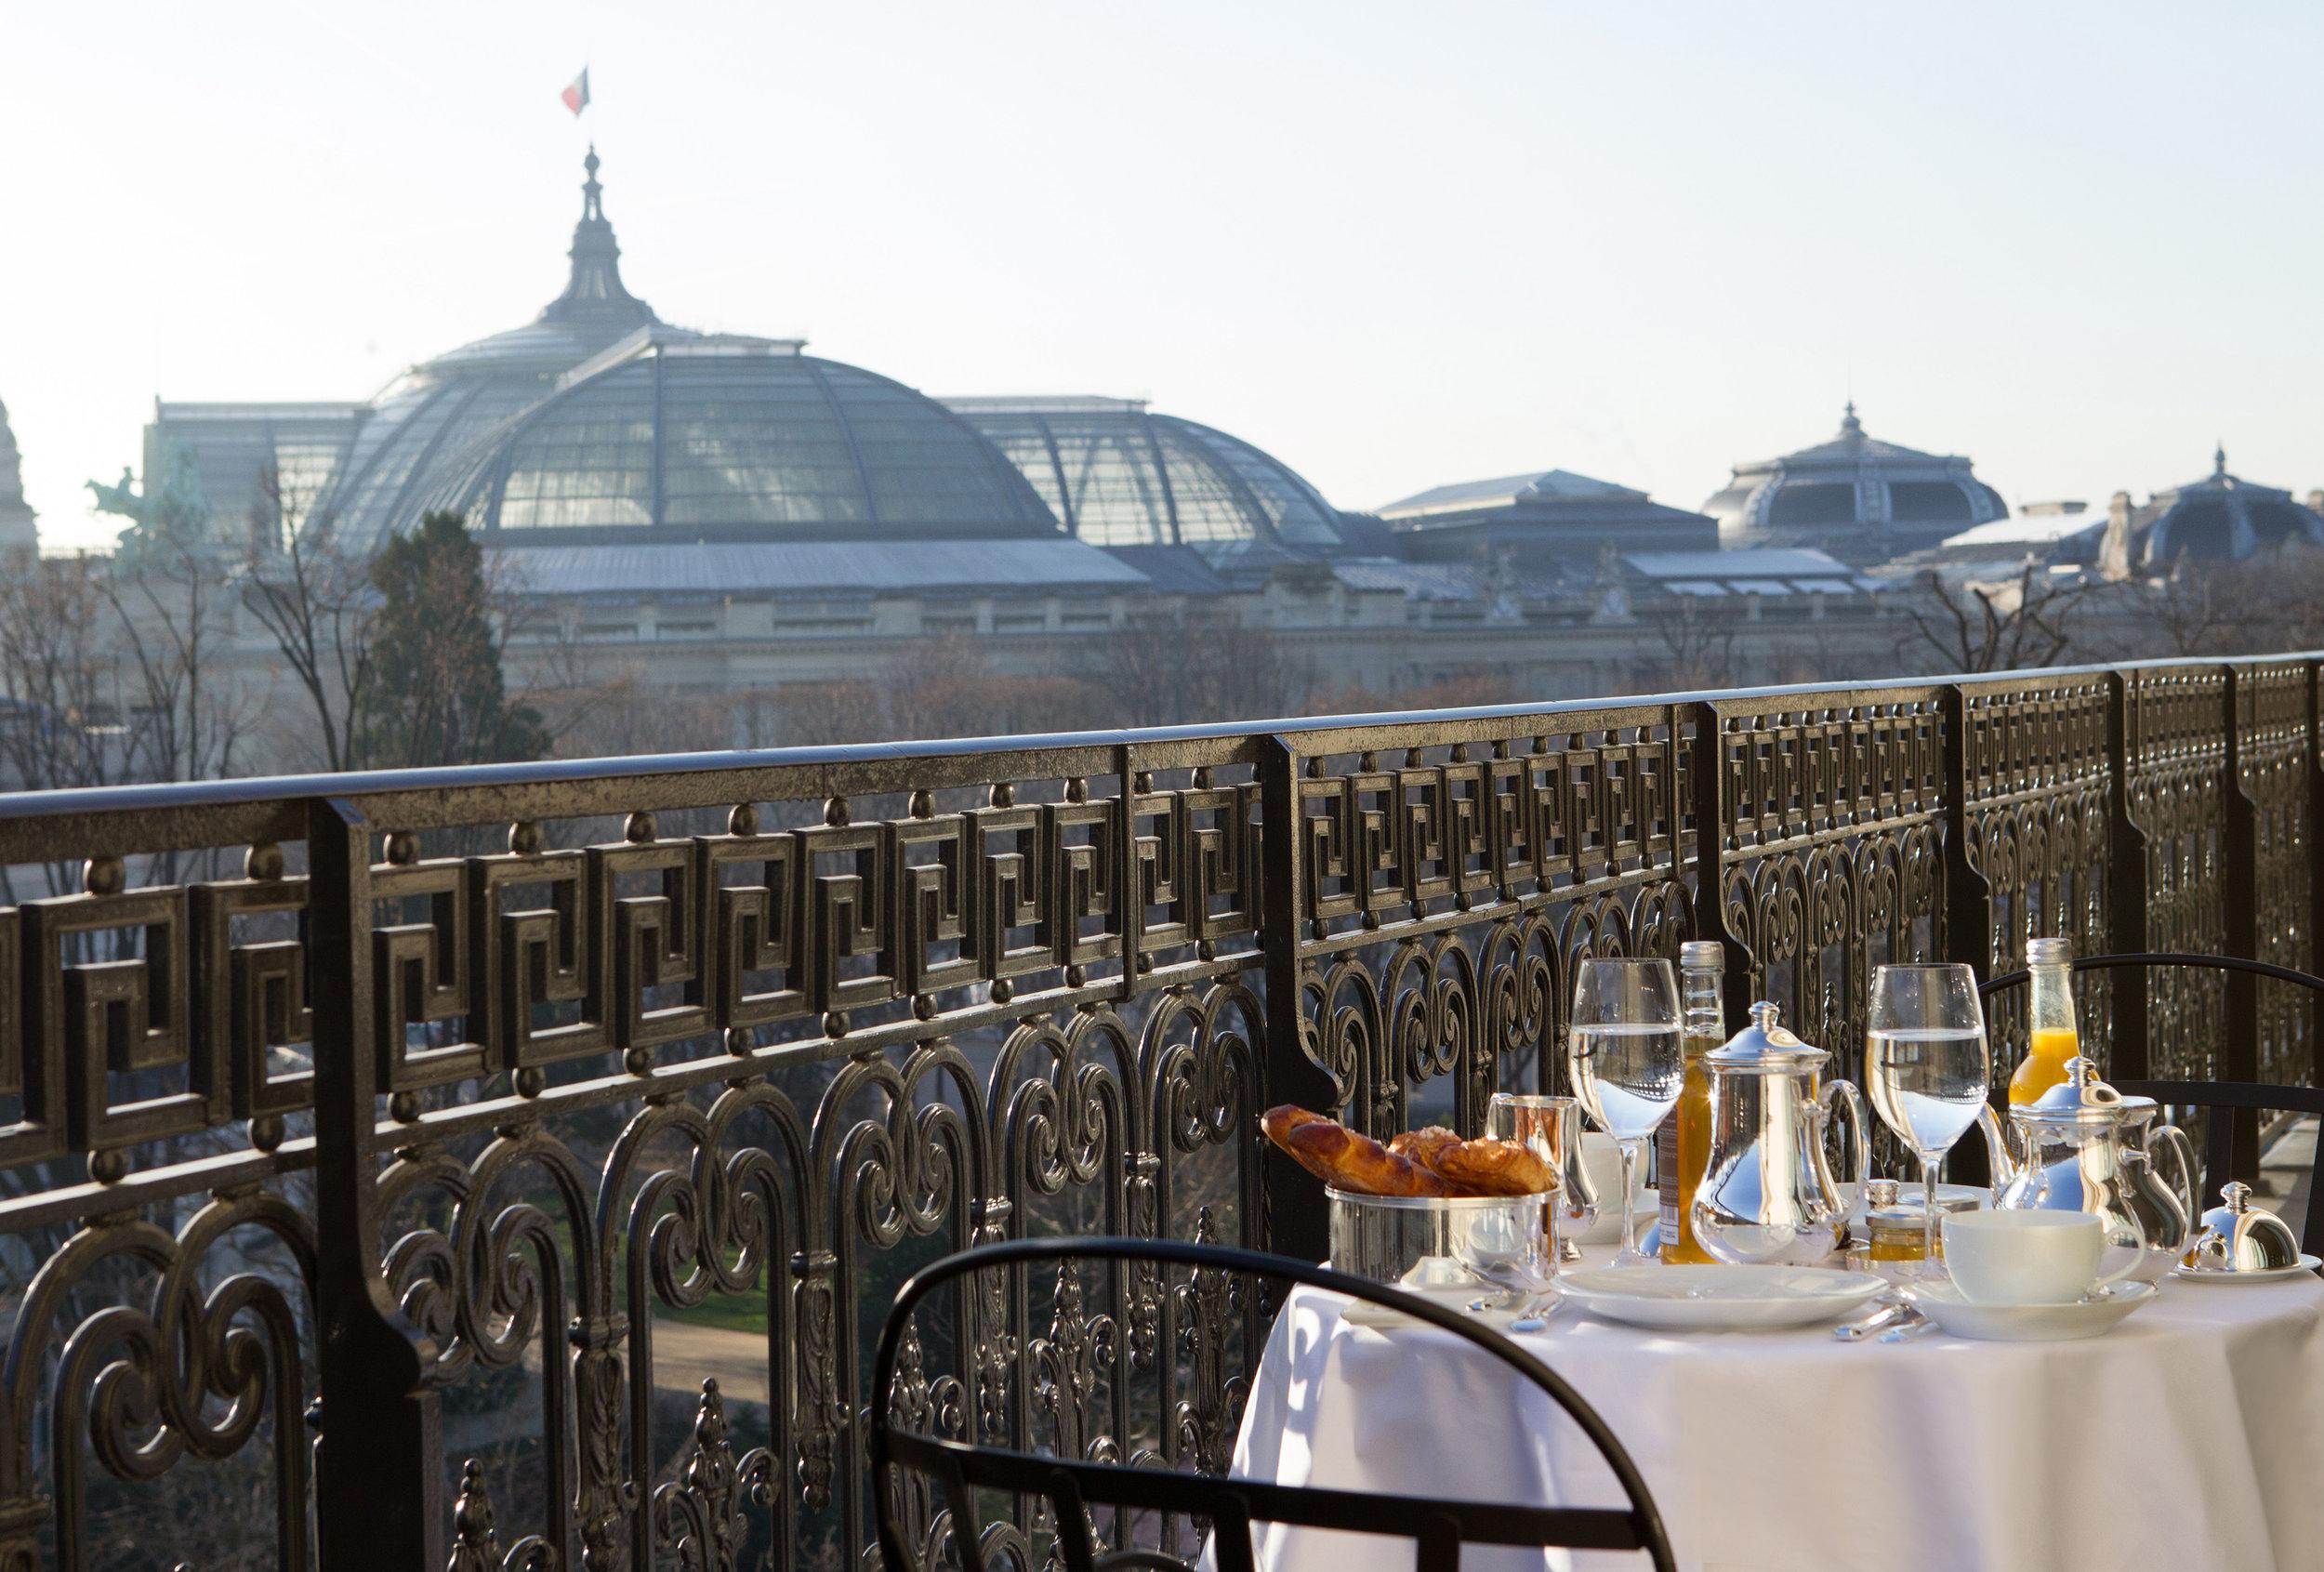 La Réserve Hotel & Spa - Grand Palais View- Crédits photo G. Gardette - La Réserve Paris.jpg